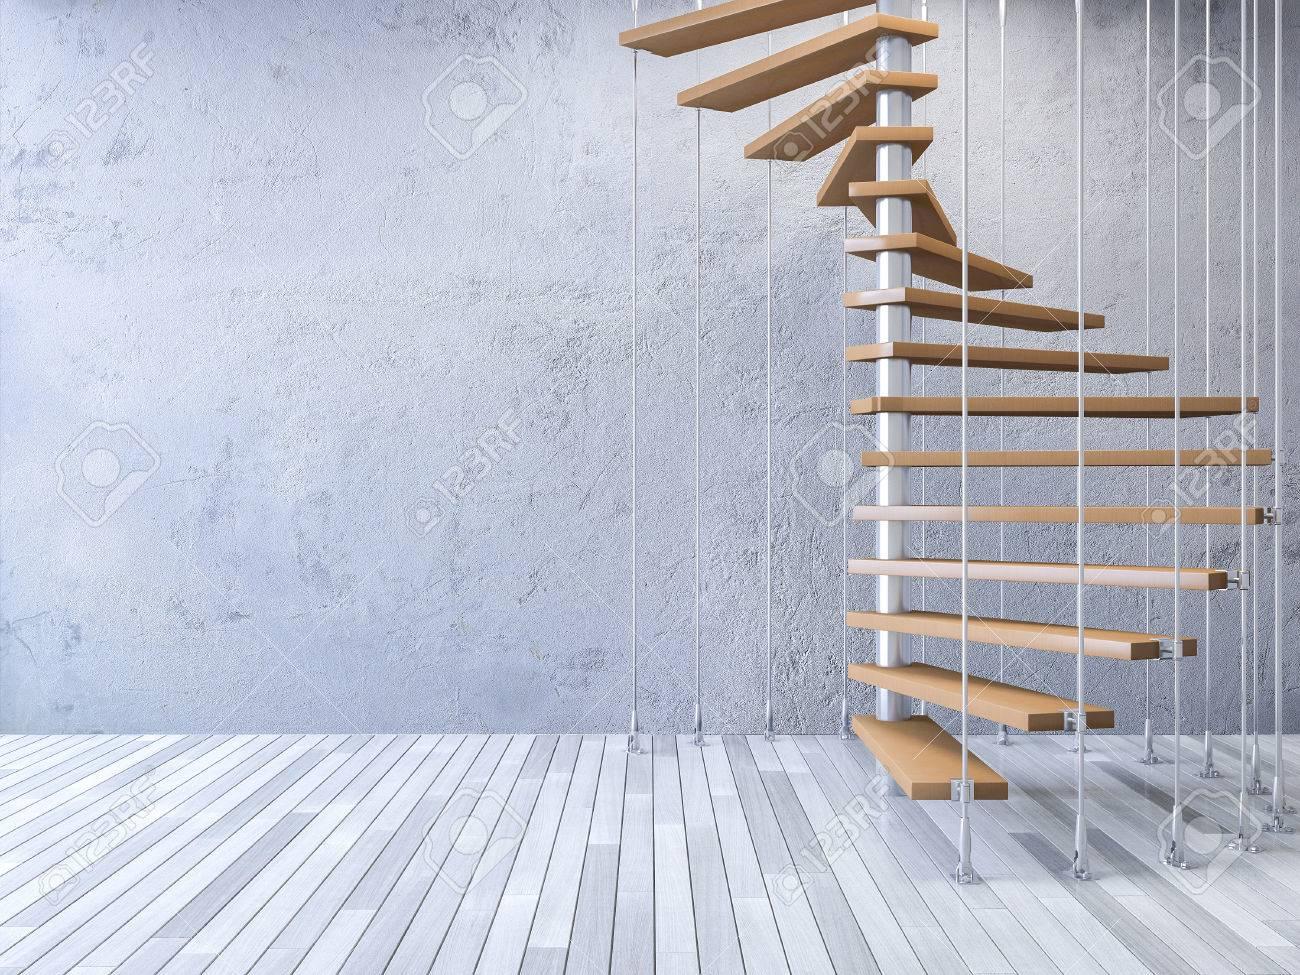 ds rindi la imagen de la escalera de caracol de madera colgado del techo por cables